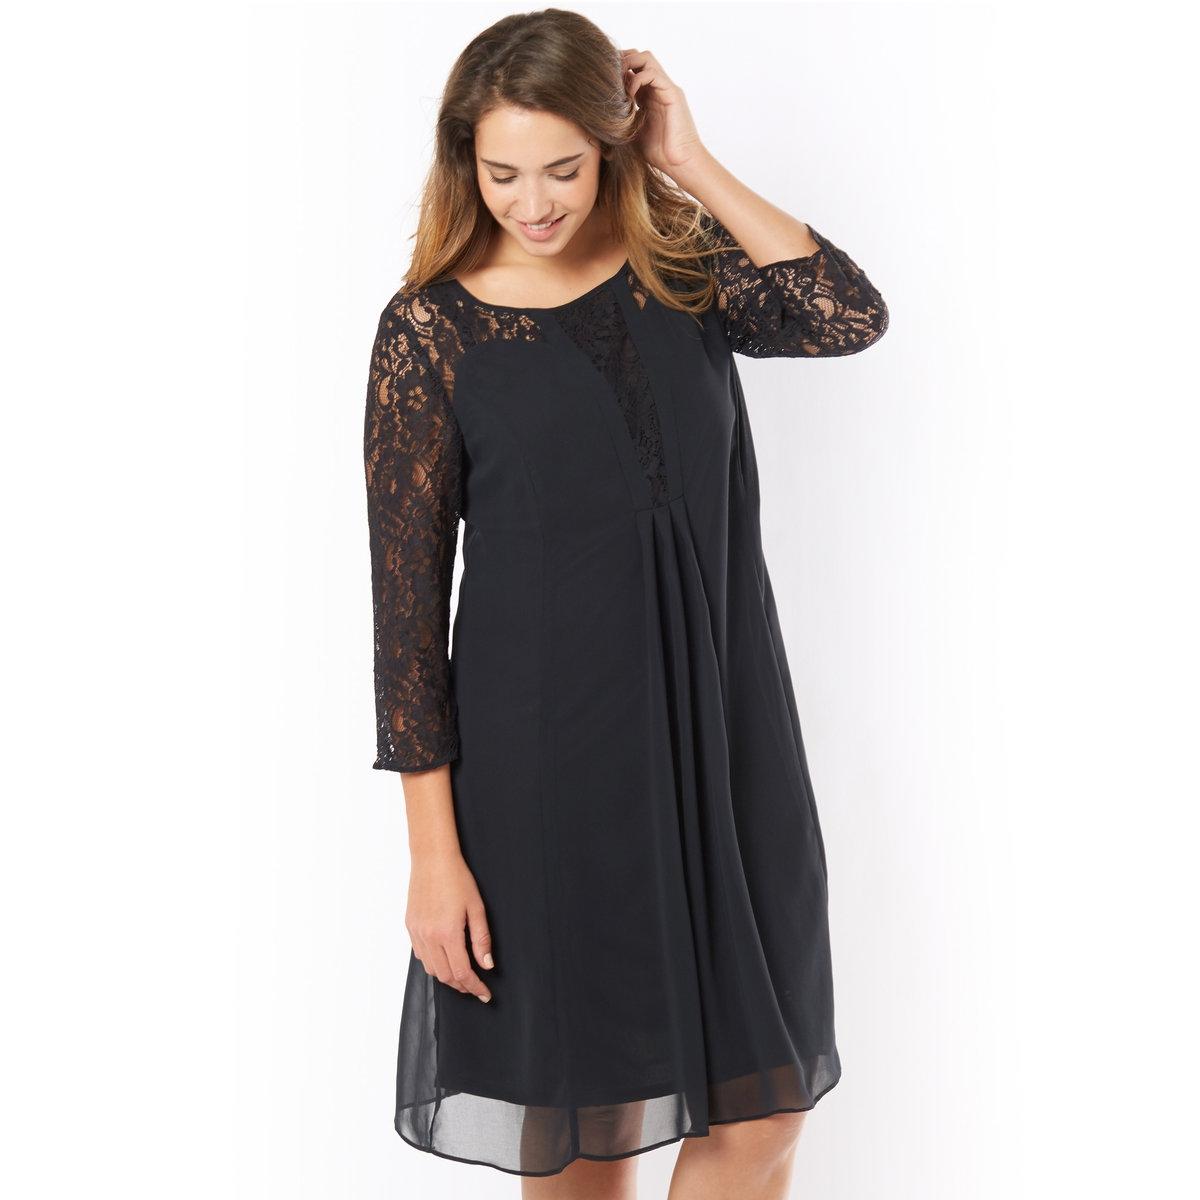 Кружевное платьеКружевное платье. Очень актуальное: кружево! Круглый вырез с кружевом на декольте. Кружевные рукава 3/4 . 100 % полиэстер, подкладка 100 % полиэстр. 3 складки спереди.  V-образное декольте сзади, молния и застёжка. Длина 95 см.<br><br>Цвет: черный<br>Размер: 42 (FR) - 48 (RUS).50 (FR) - 56 (RUS).54 (FR) - 60 (RUS)